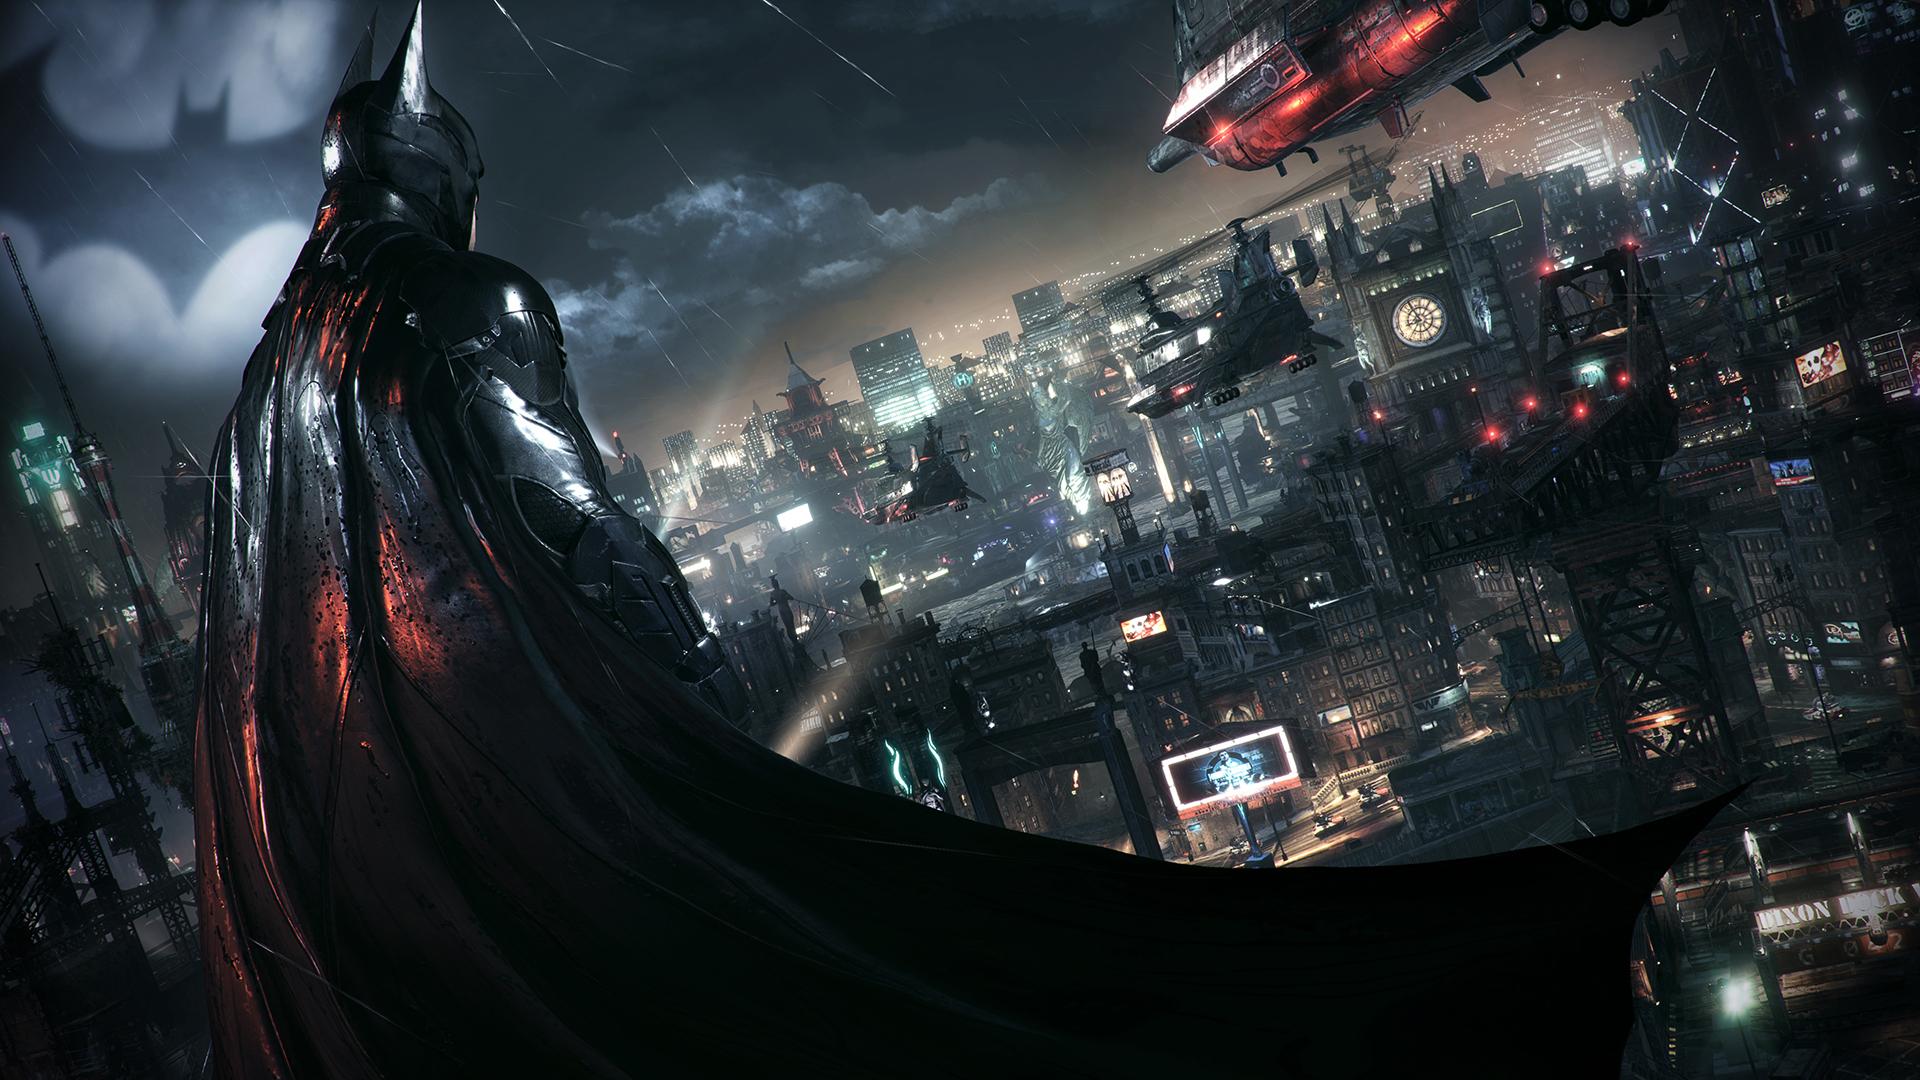 Větší neznamená vždy lepší aneb série Batman Arkham a její otevřený svět 11108